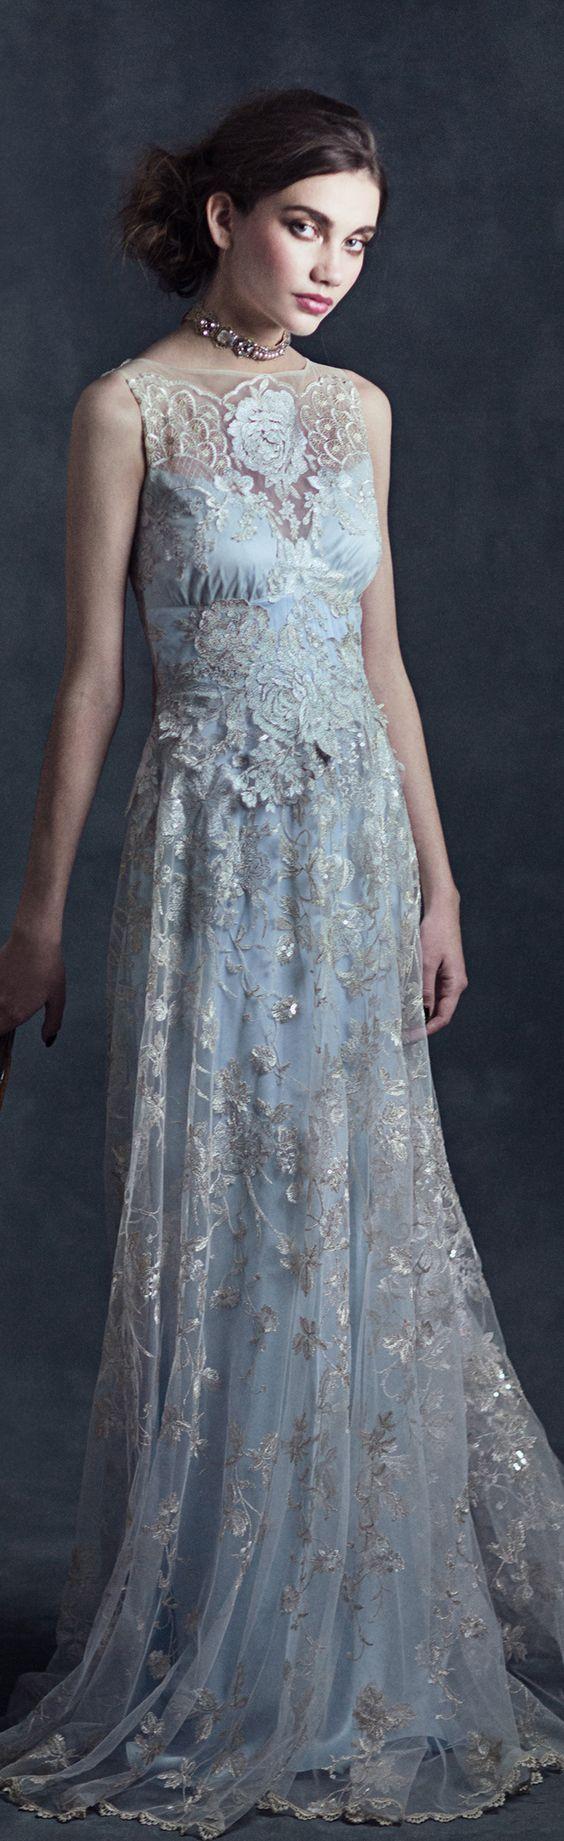 Old Fashioned Claire Pettibone Wedding Dresses Vignette - All ...